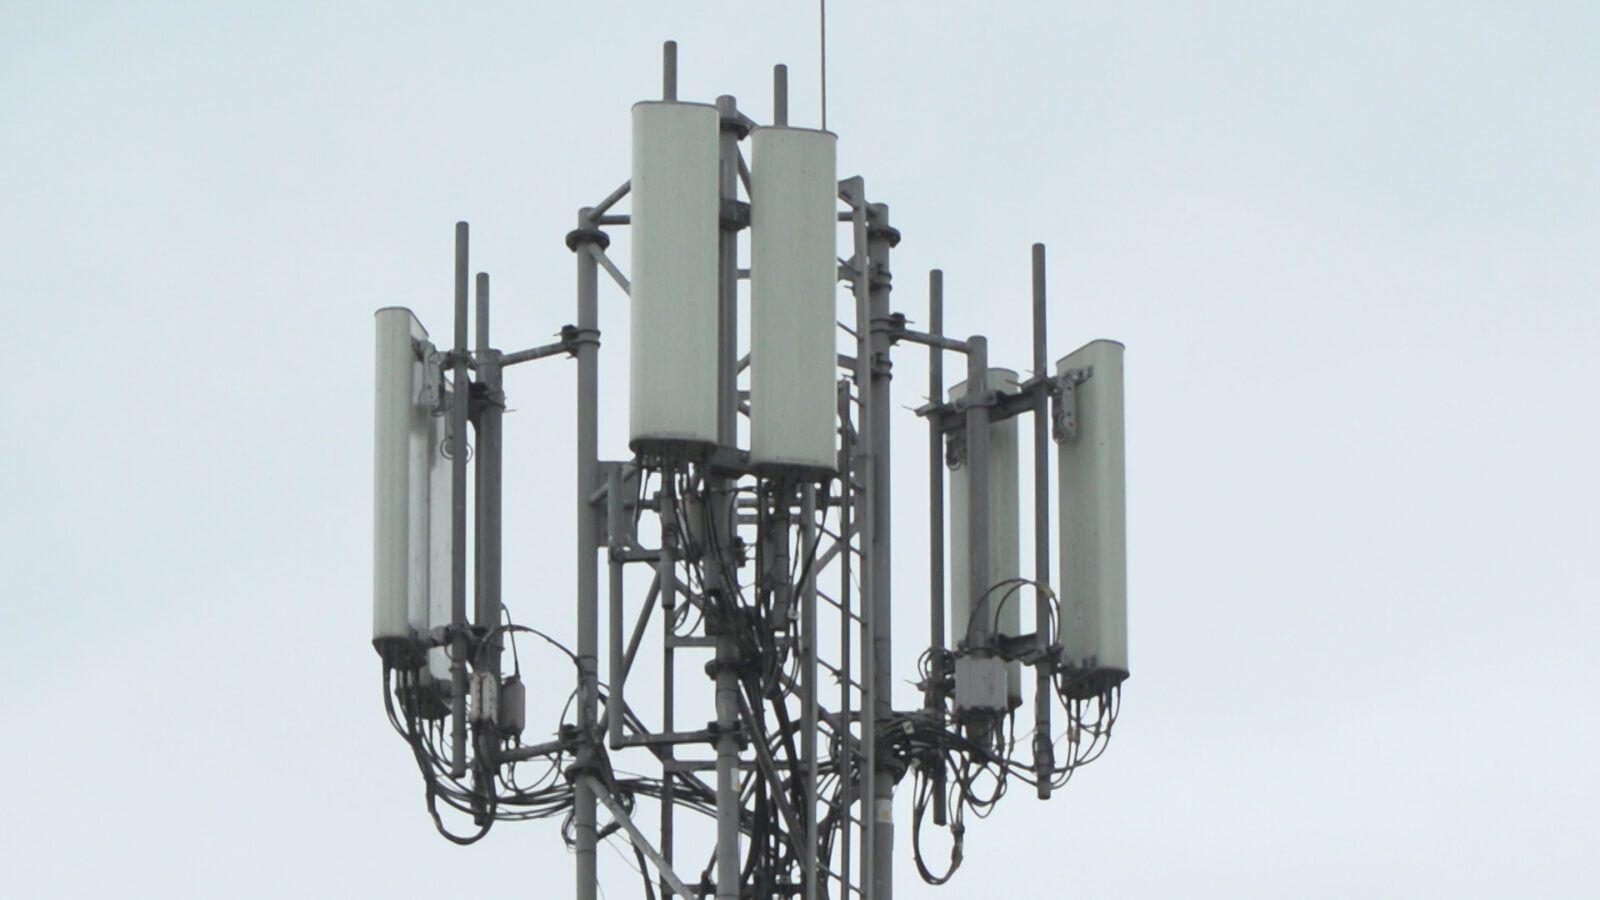 Wykluczenie dostawców sprzętu do budowy sieci 5G może znacznie opóźnić jej powstanie. Zwiększy też ceny usług operatorów komórkowych